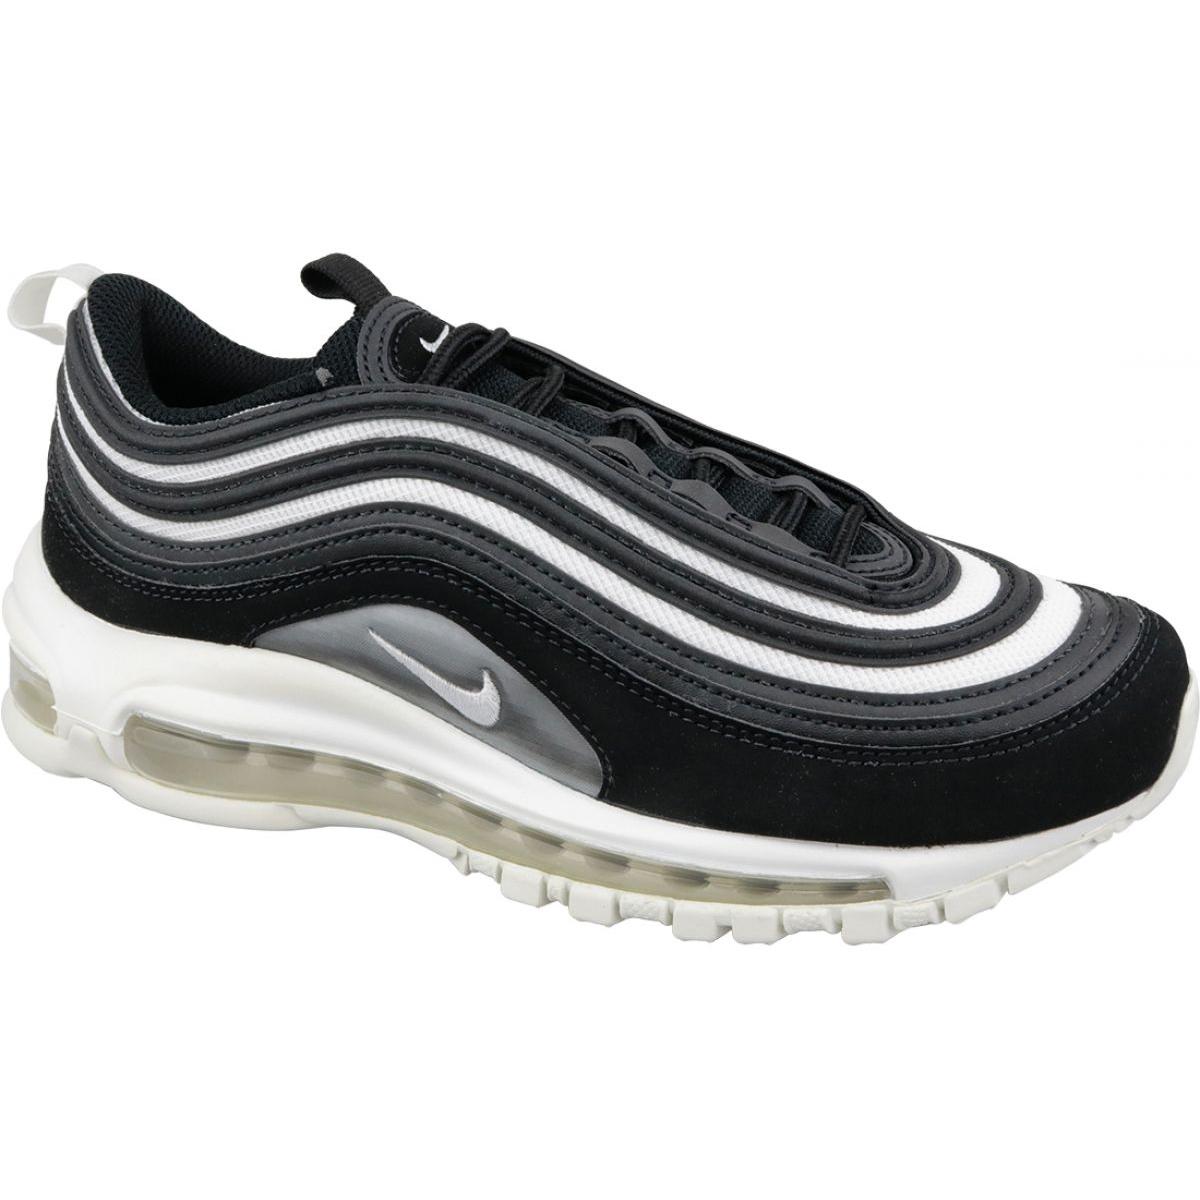 buy popular 1ea73 f7f6d Black Nike Wmns Air Max 97 W shoes 921733-017